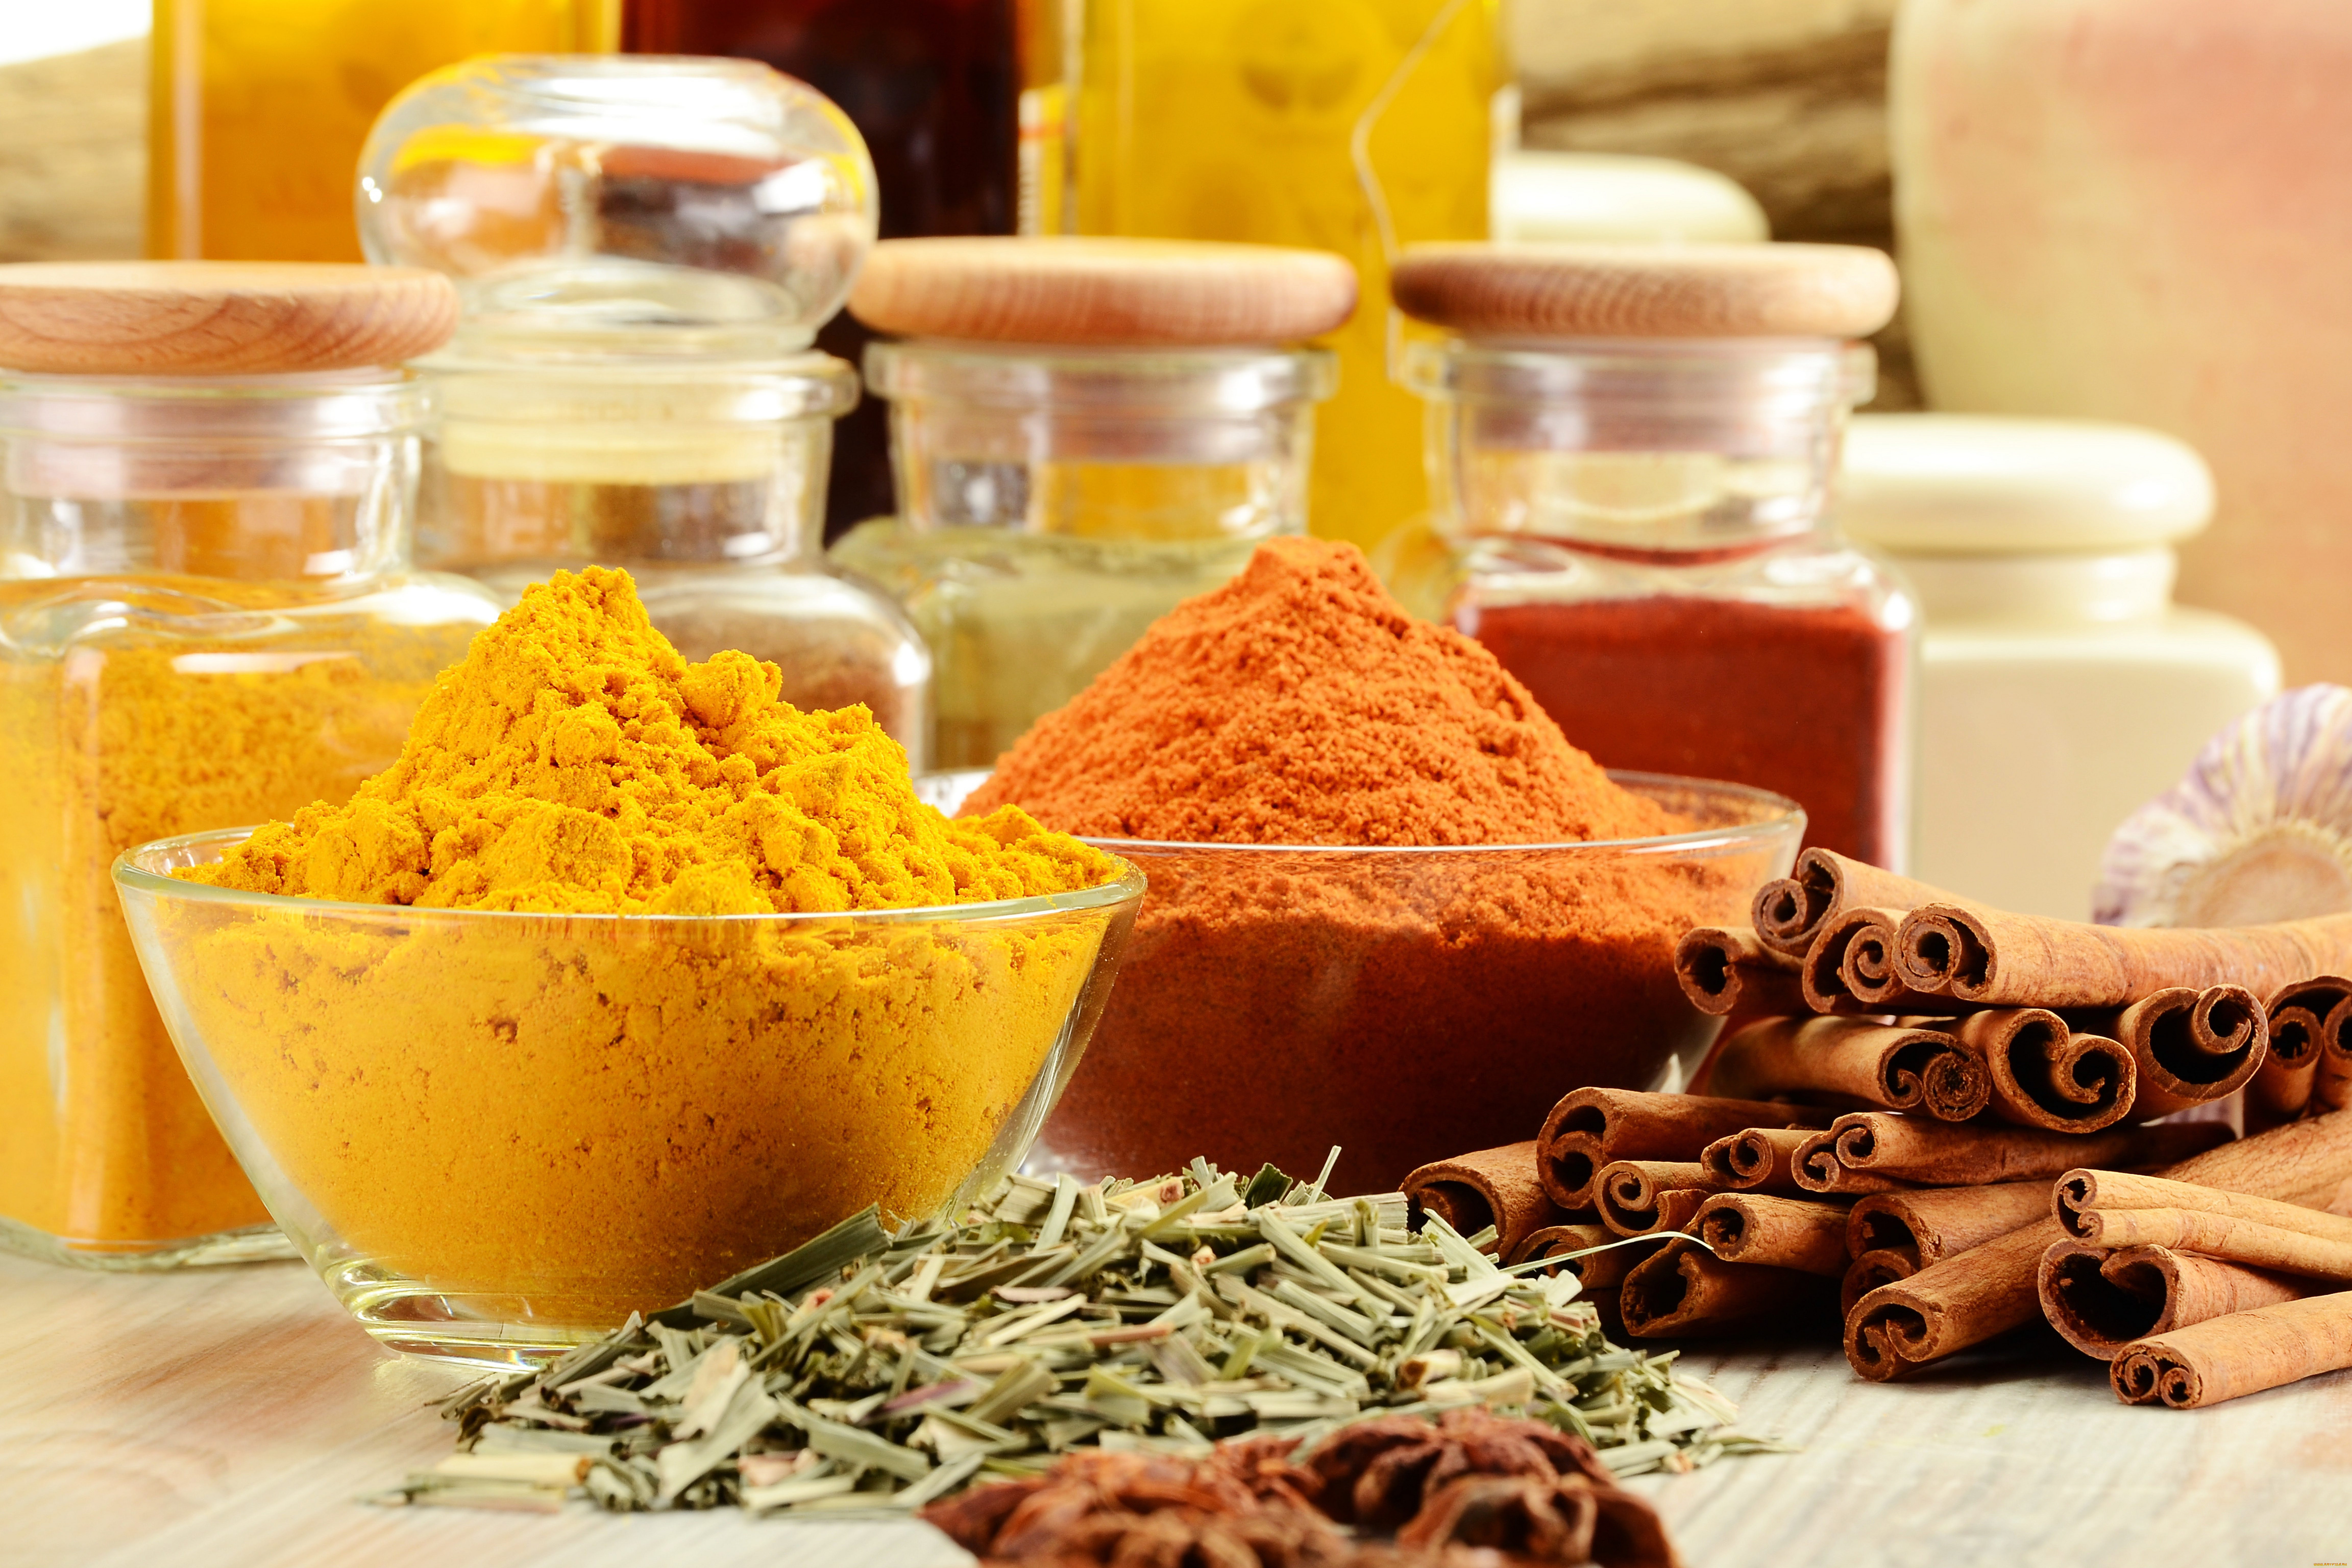 Про куркуму и её применение в кулинарии: что это за приправа и куда добавлять